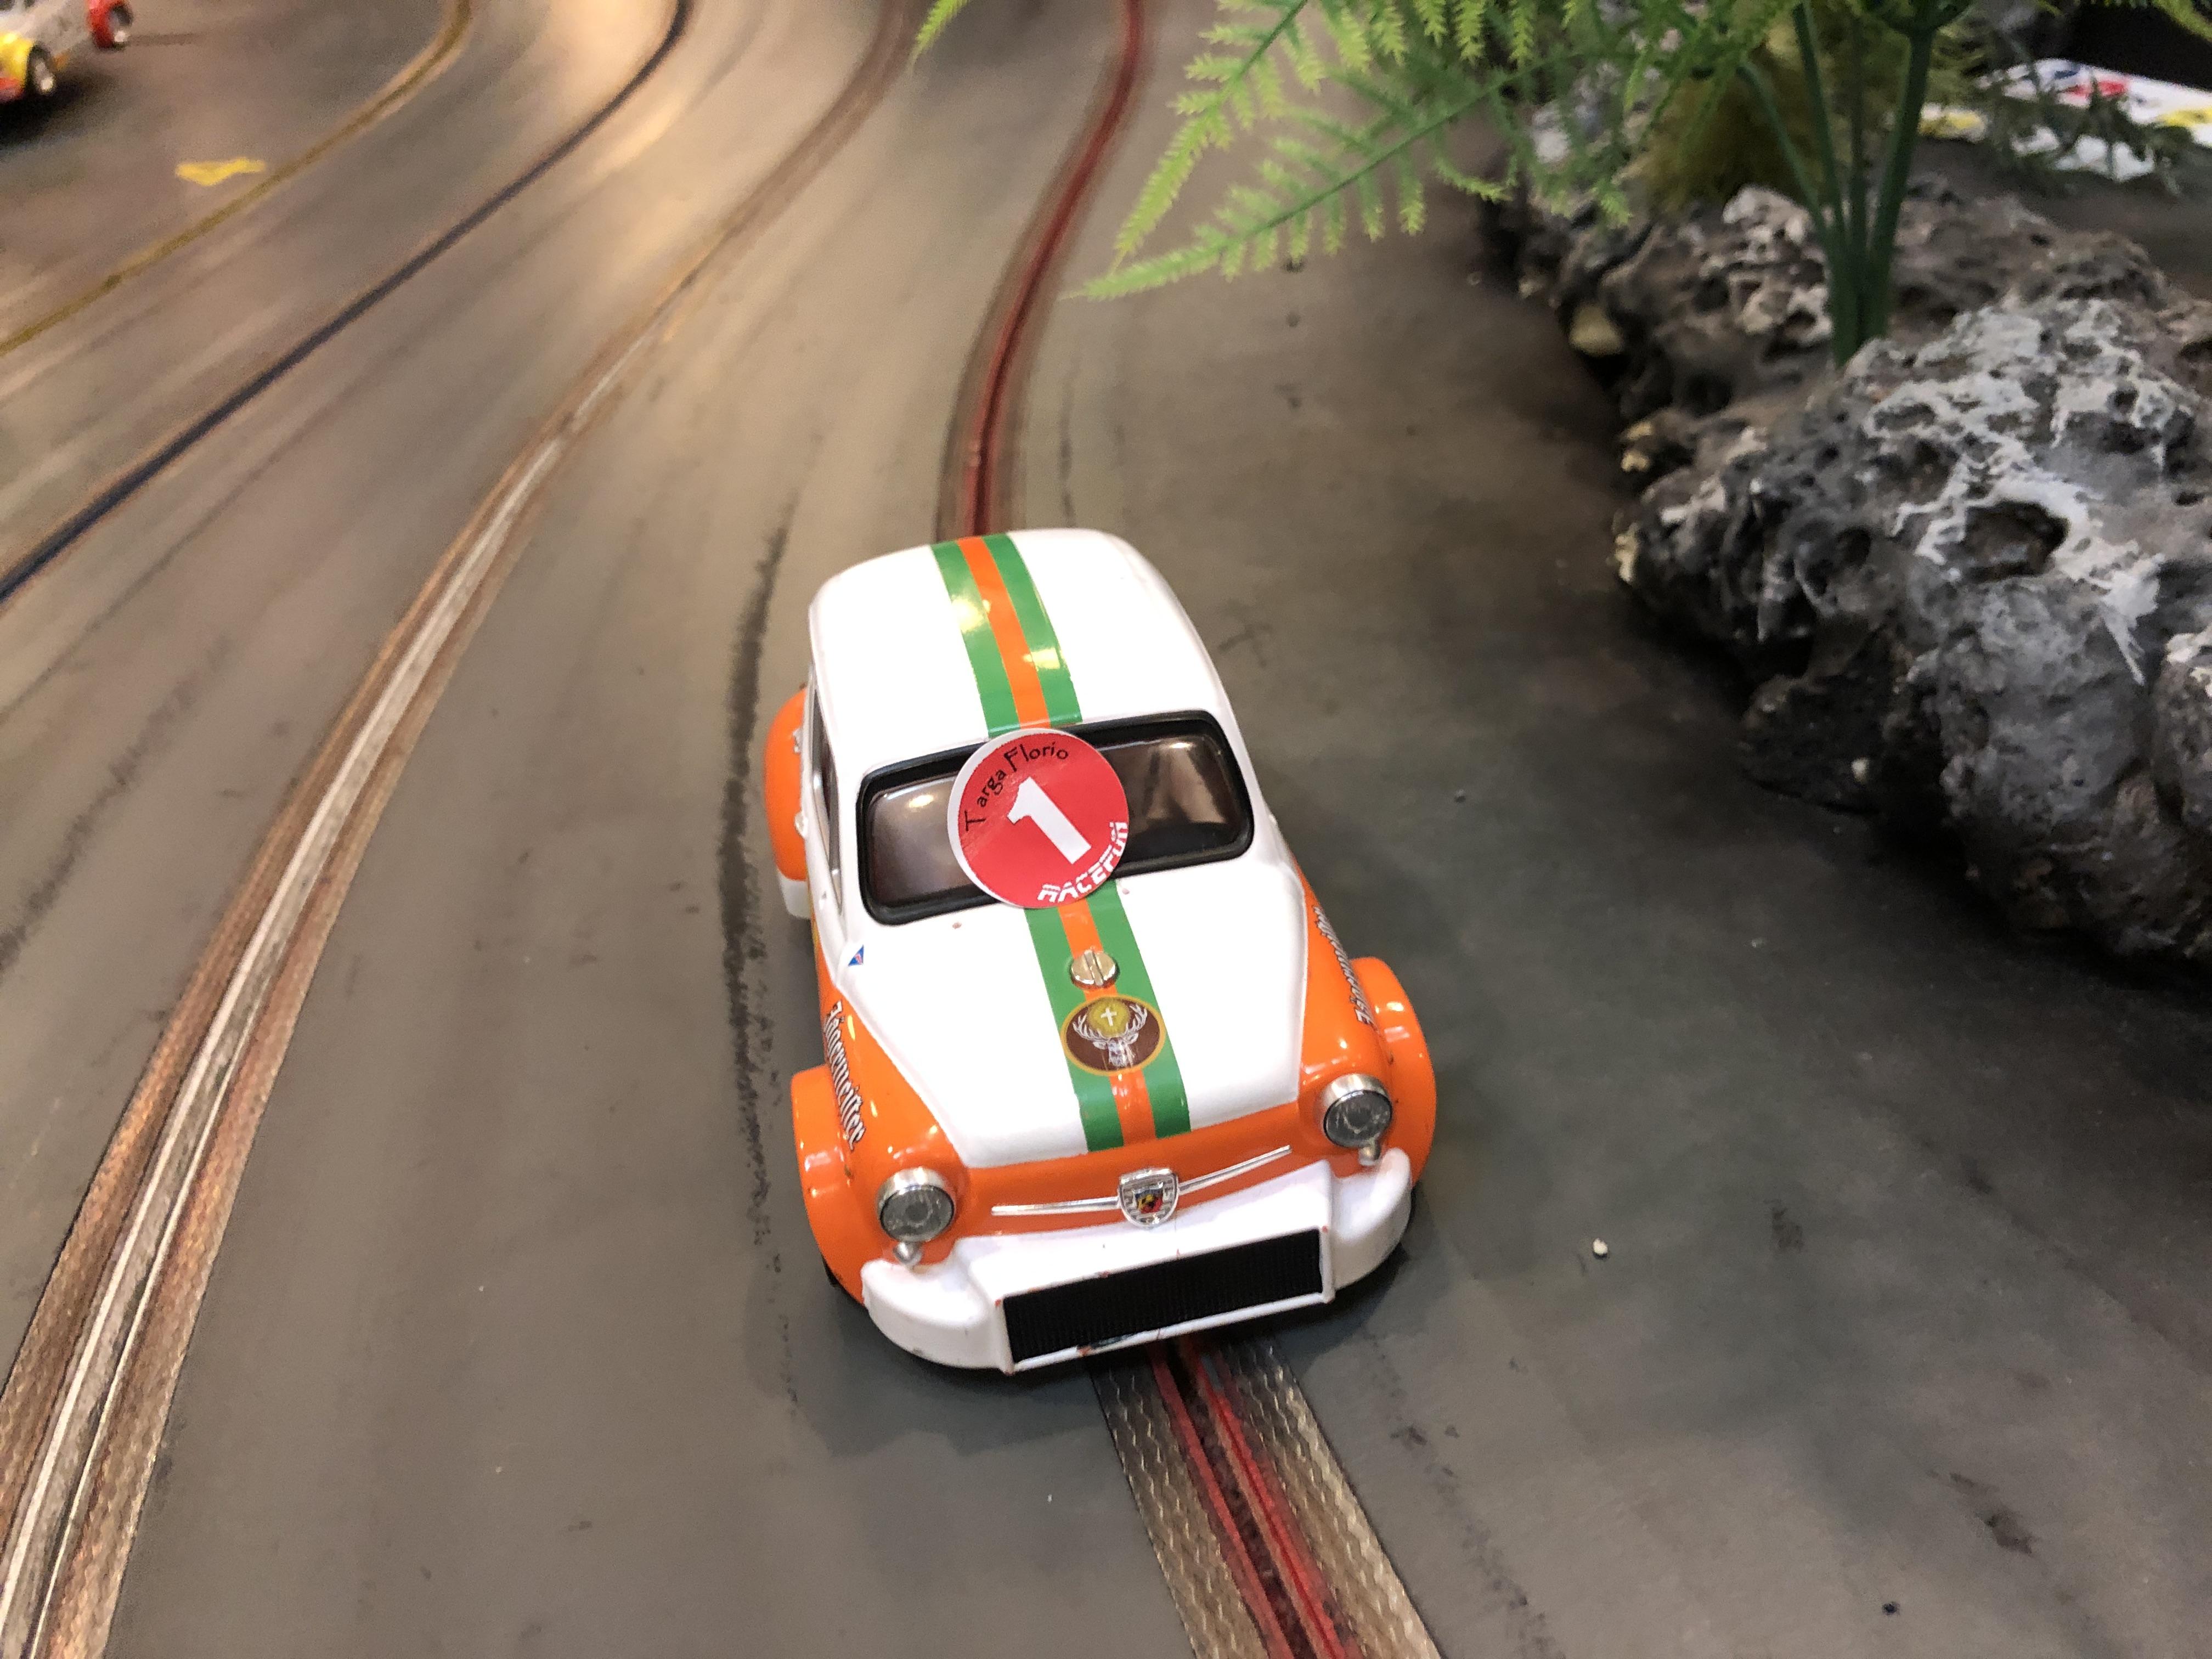 Fiat Abarth jägermeister